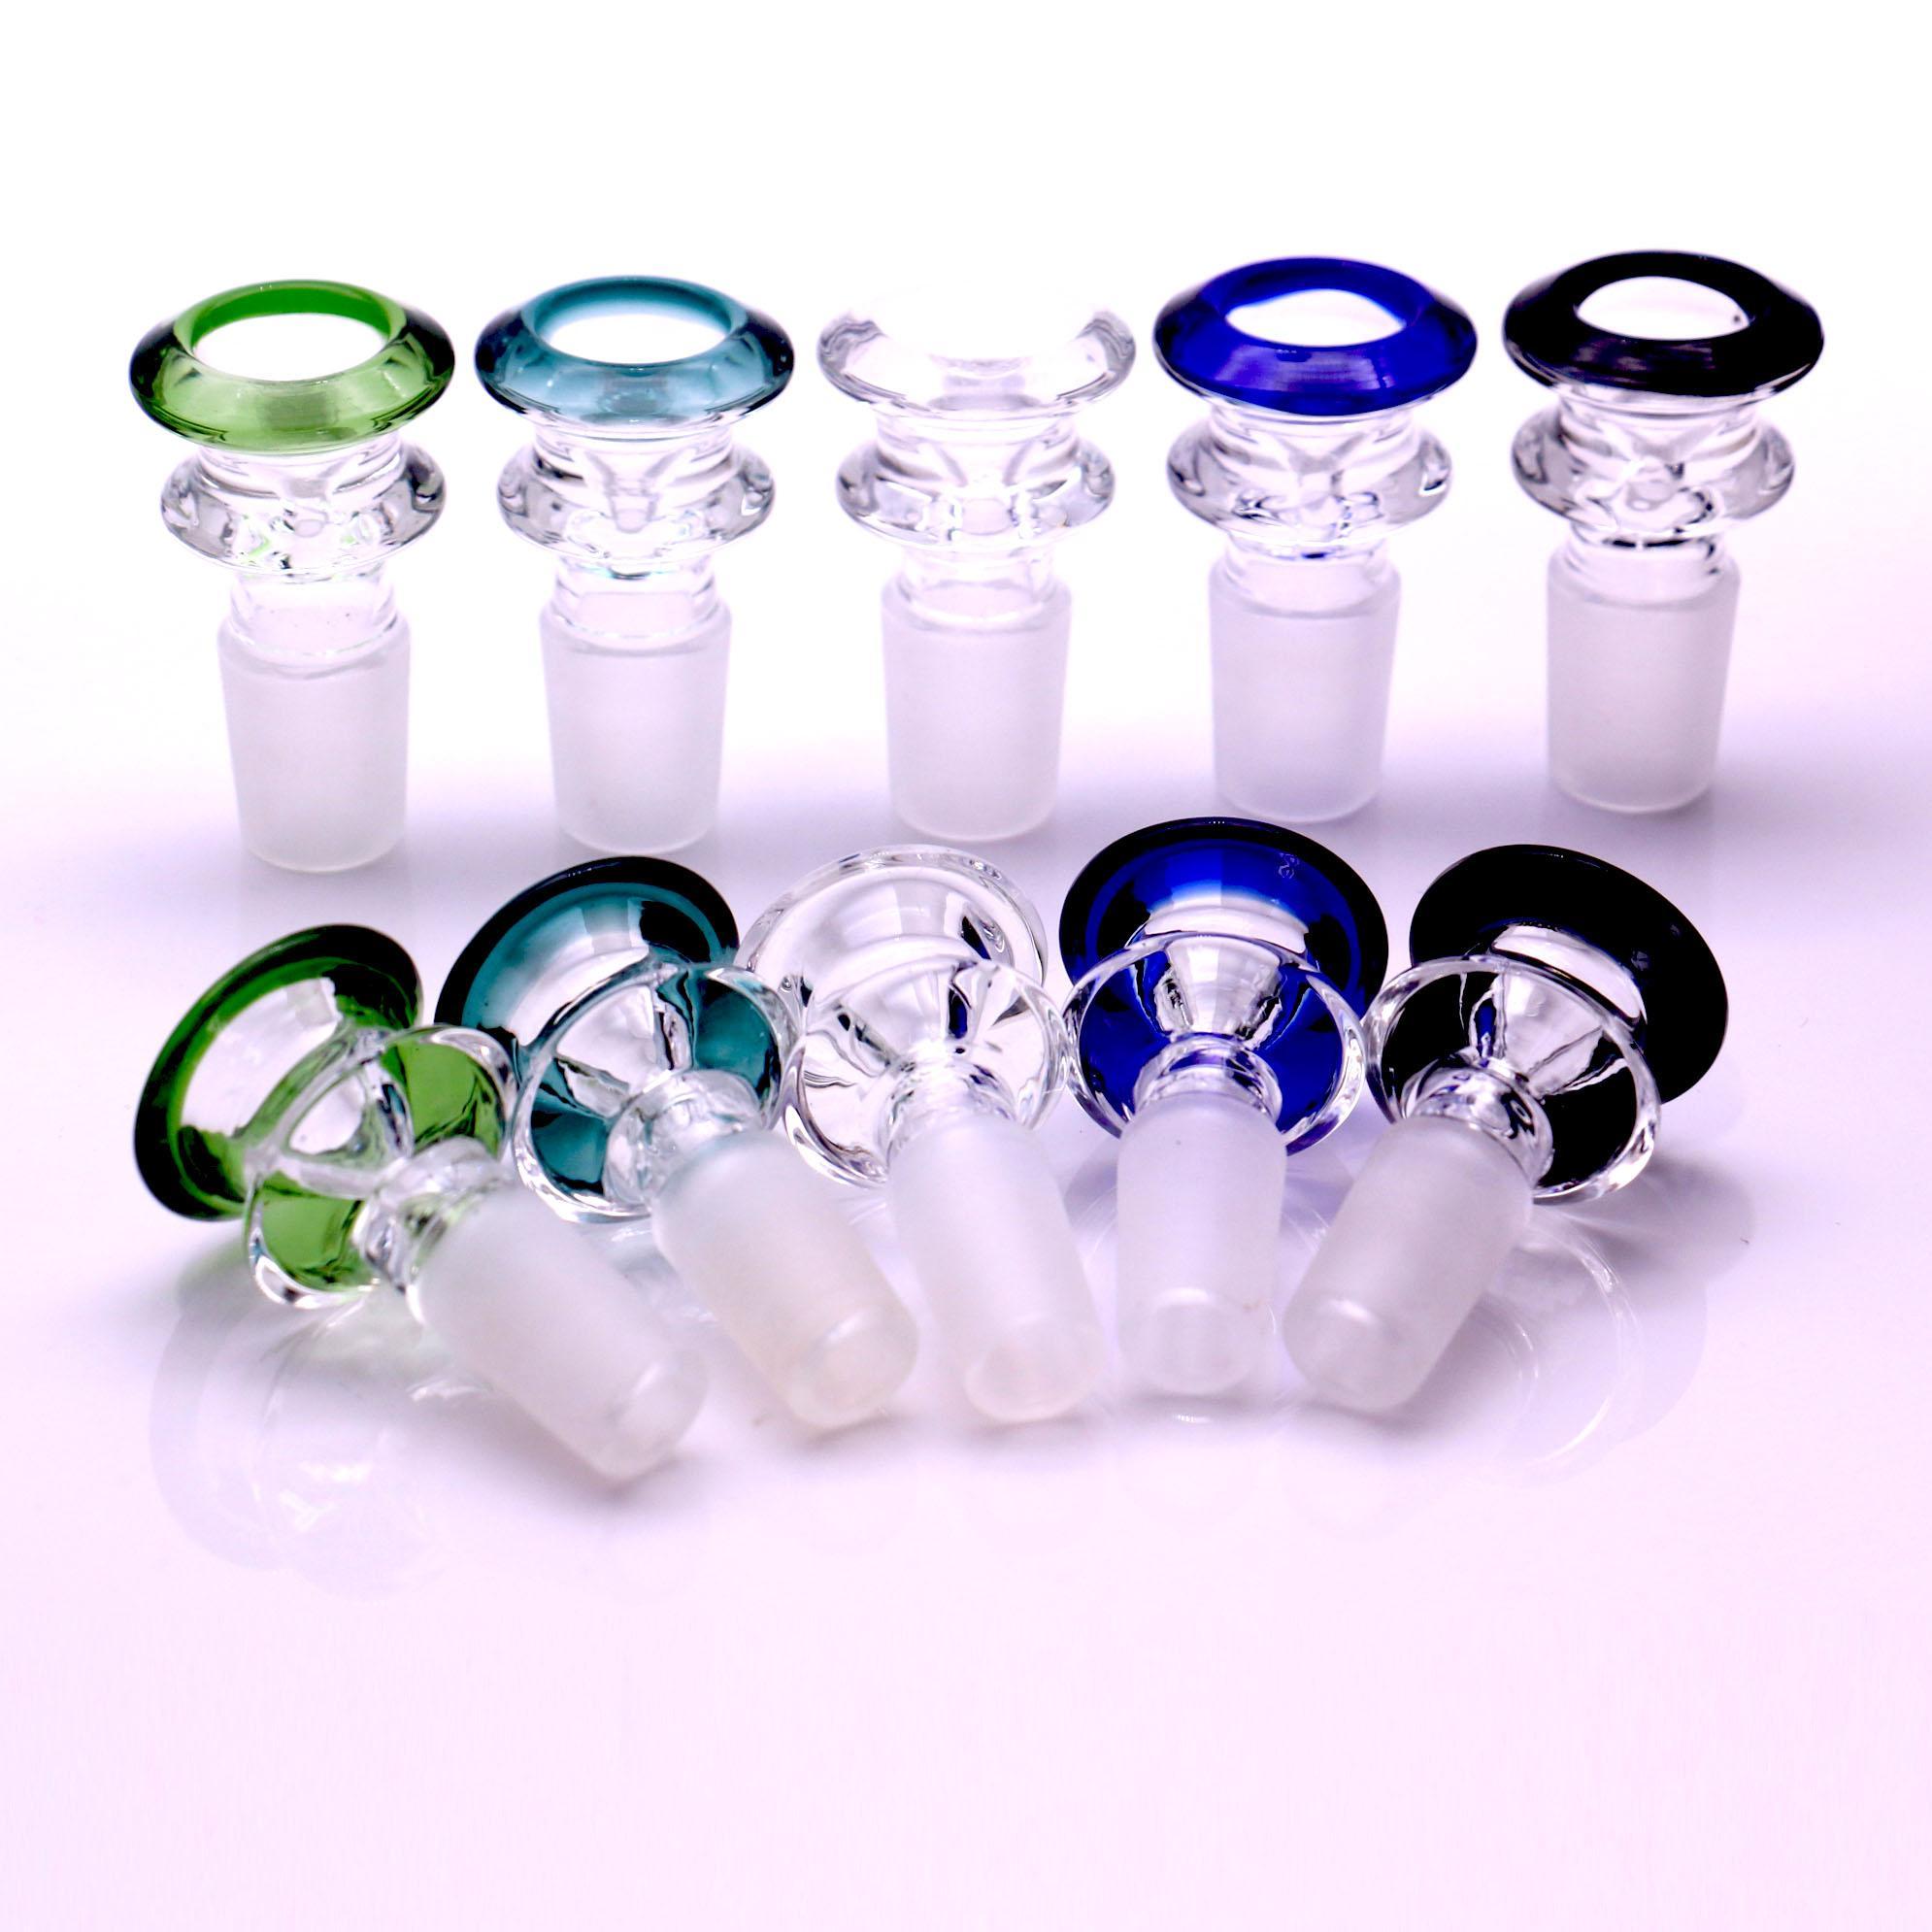 물 담뱃대 14mm 18mm 유리 그릇 믹스 컬러 봉 그릇 남성 조각 물 파이프 DAB 장비 흡연 액세스 리오